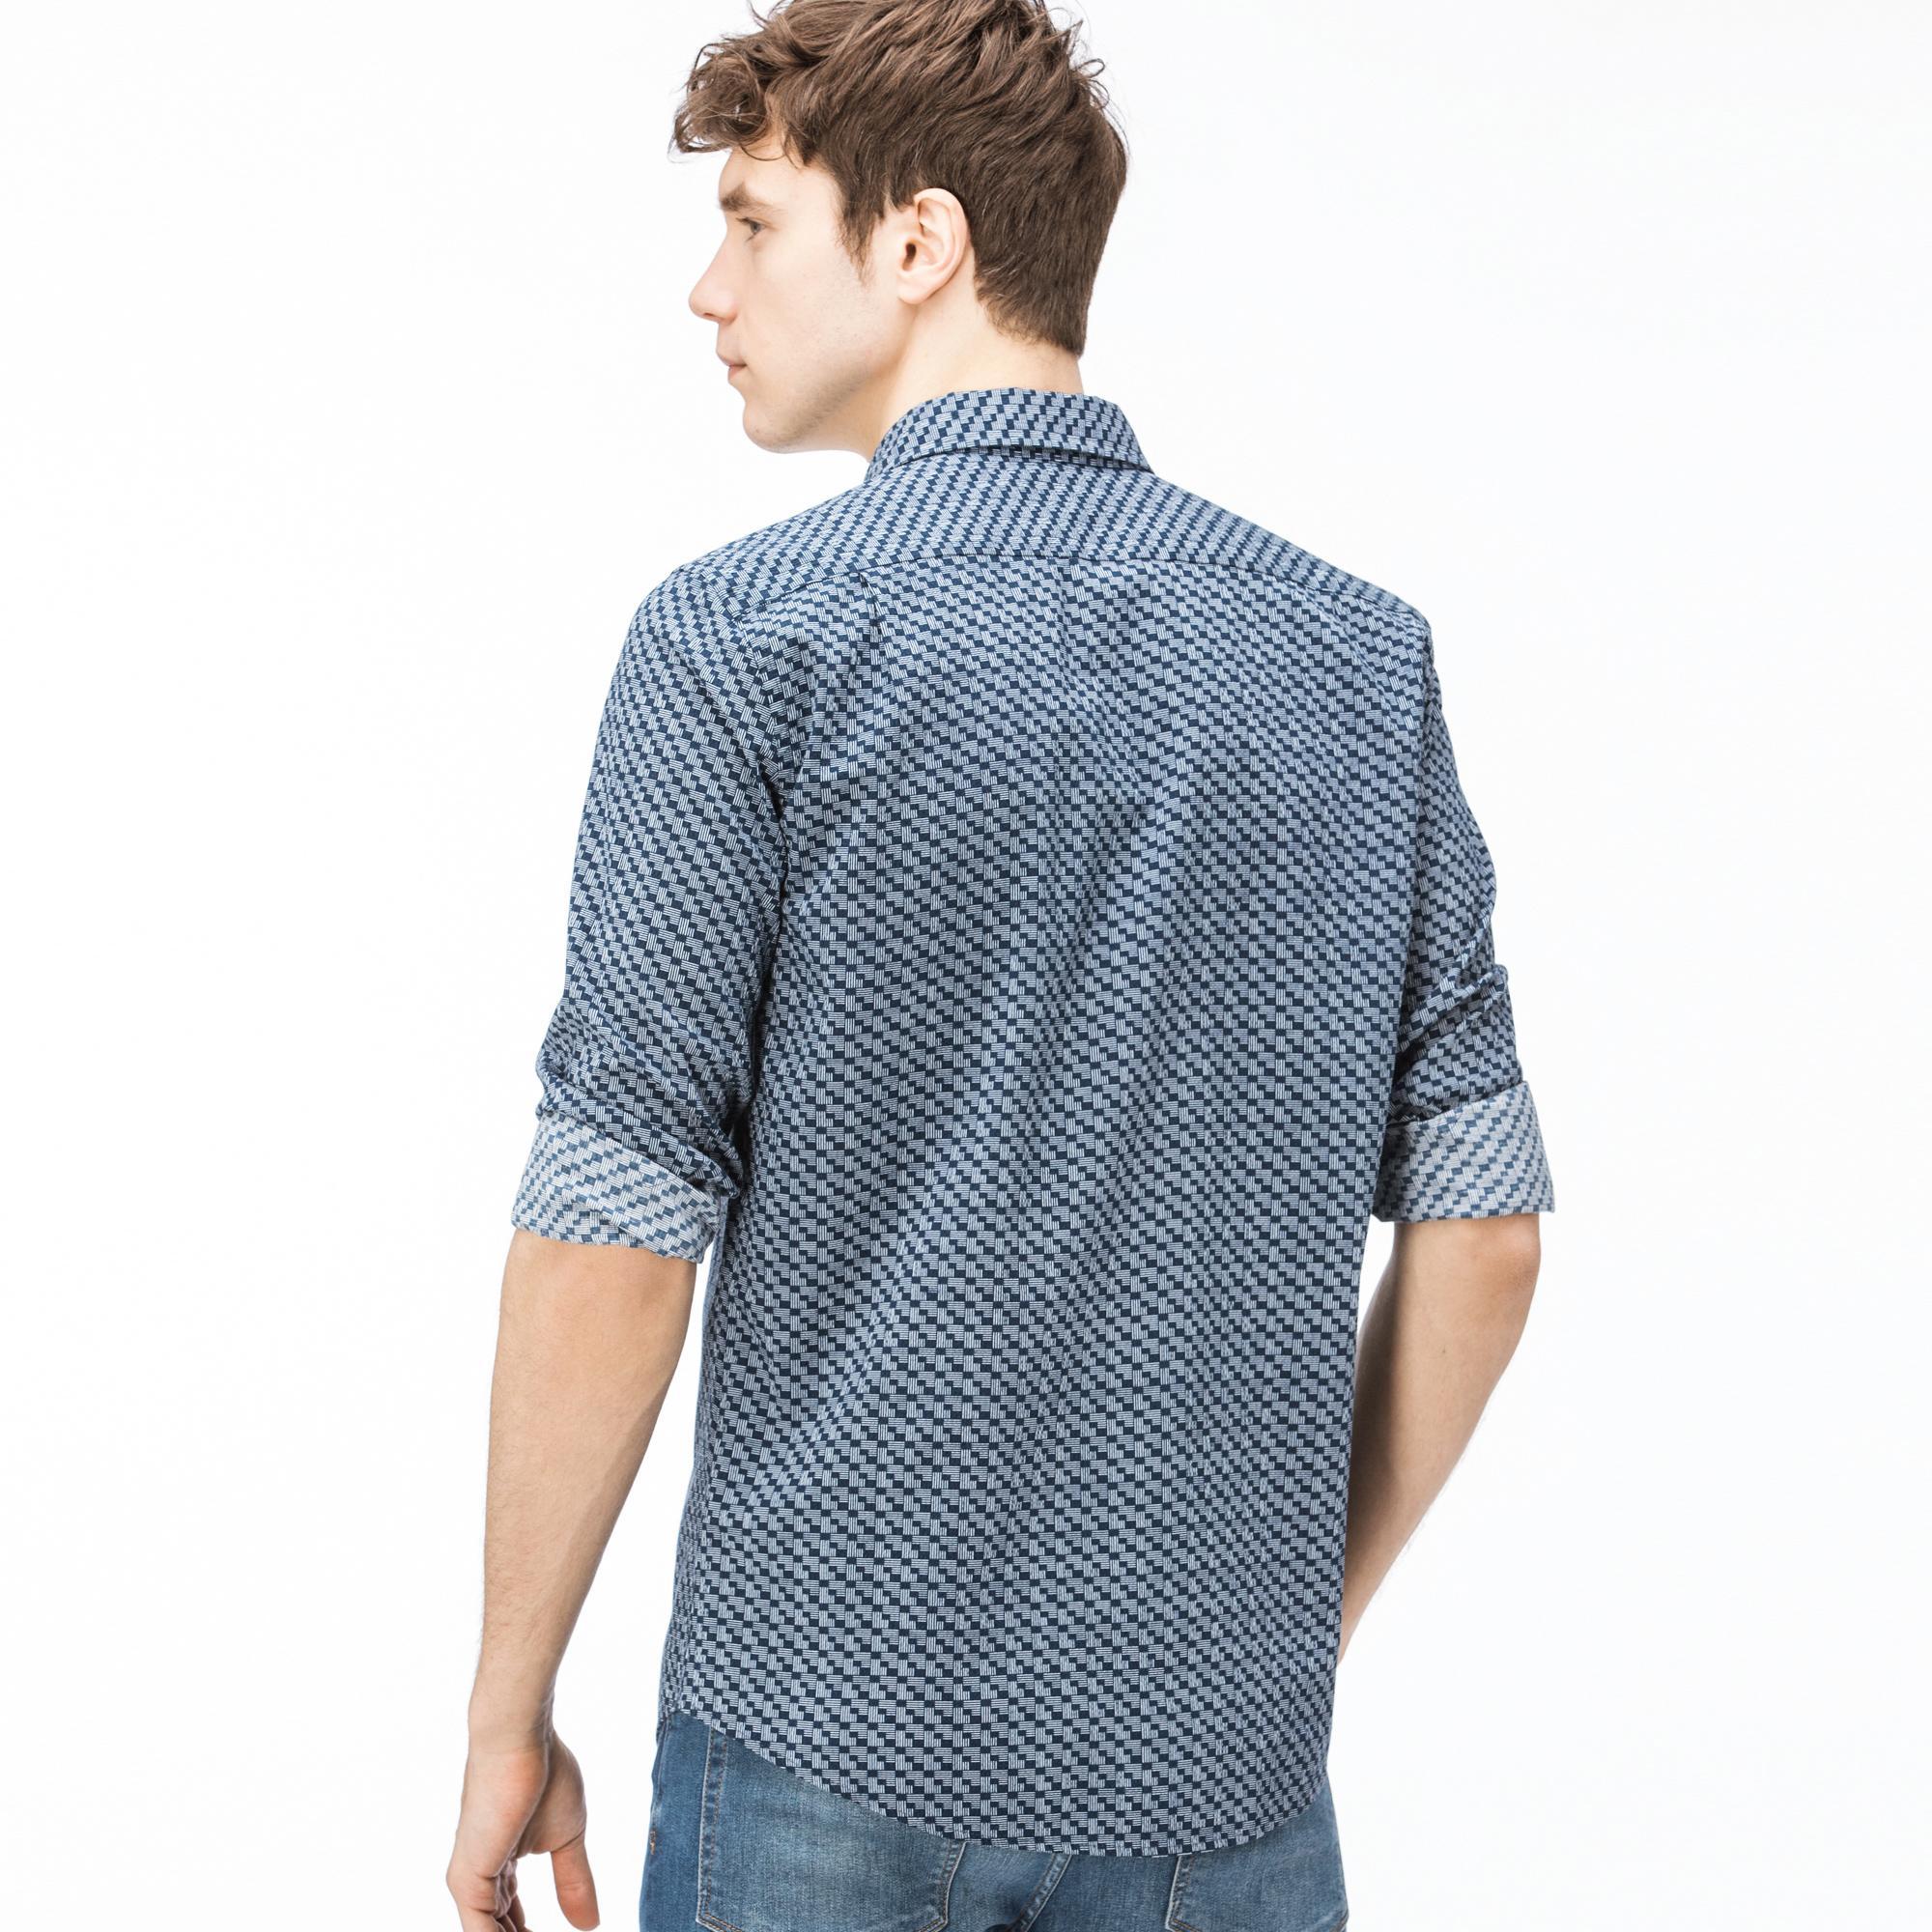 Lacoste Erkek Slim Fit Desenli Mavi Gömlek